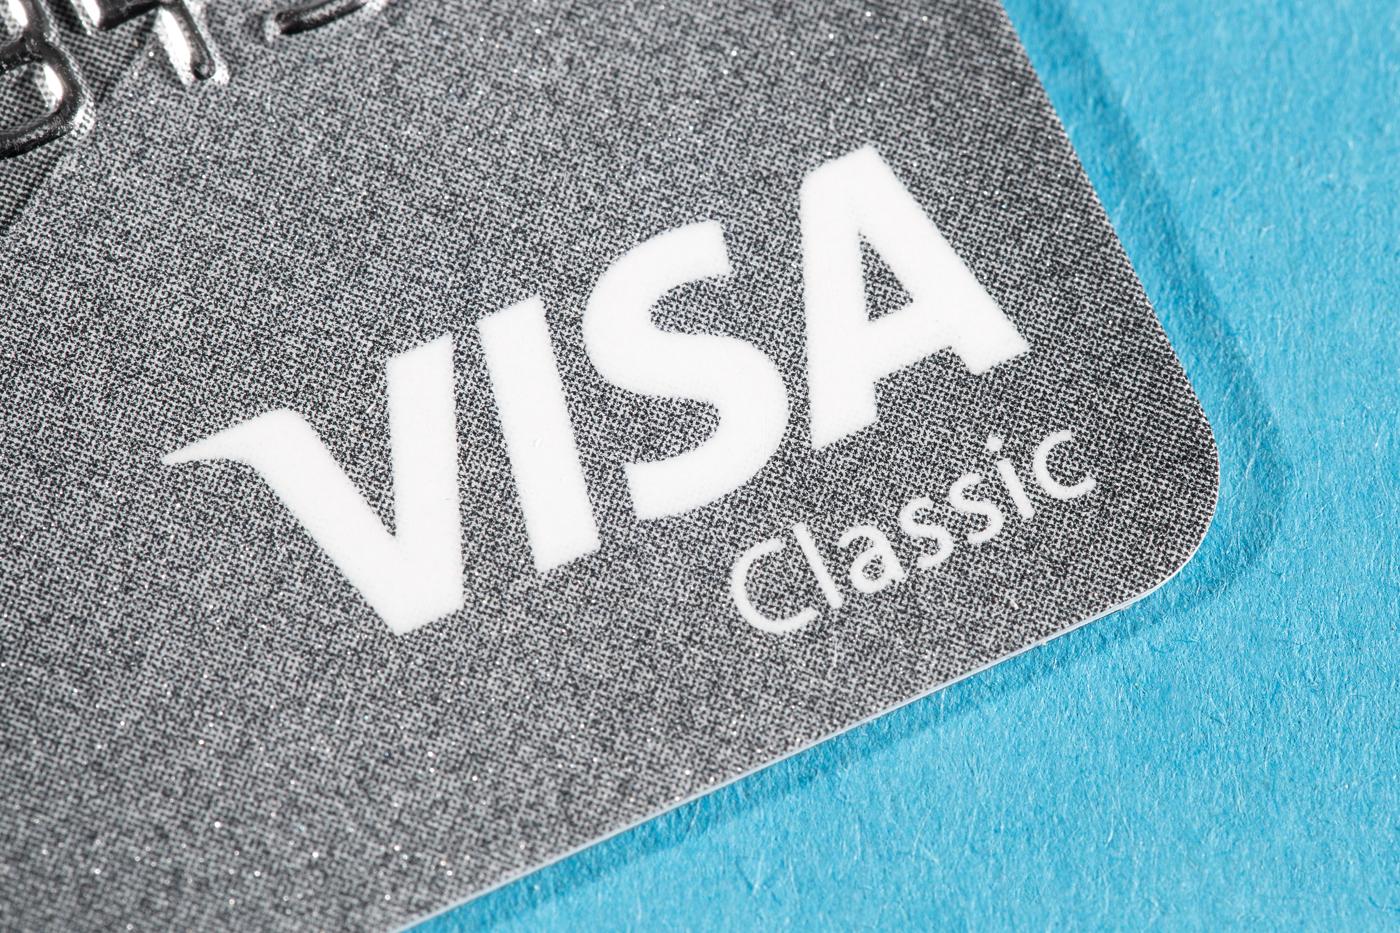 Visa warehouse, V warehouse, credit card warehouse